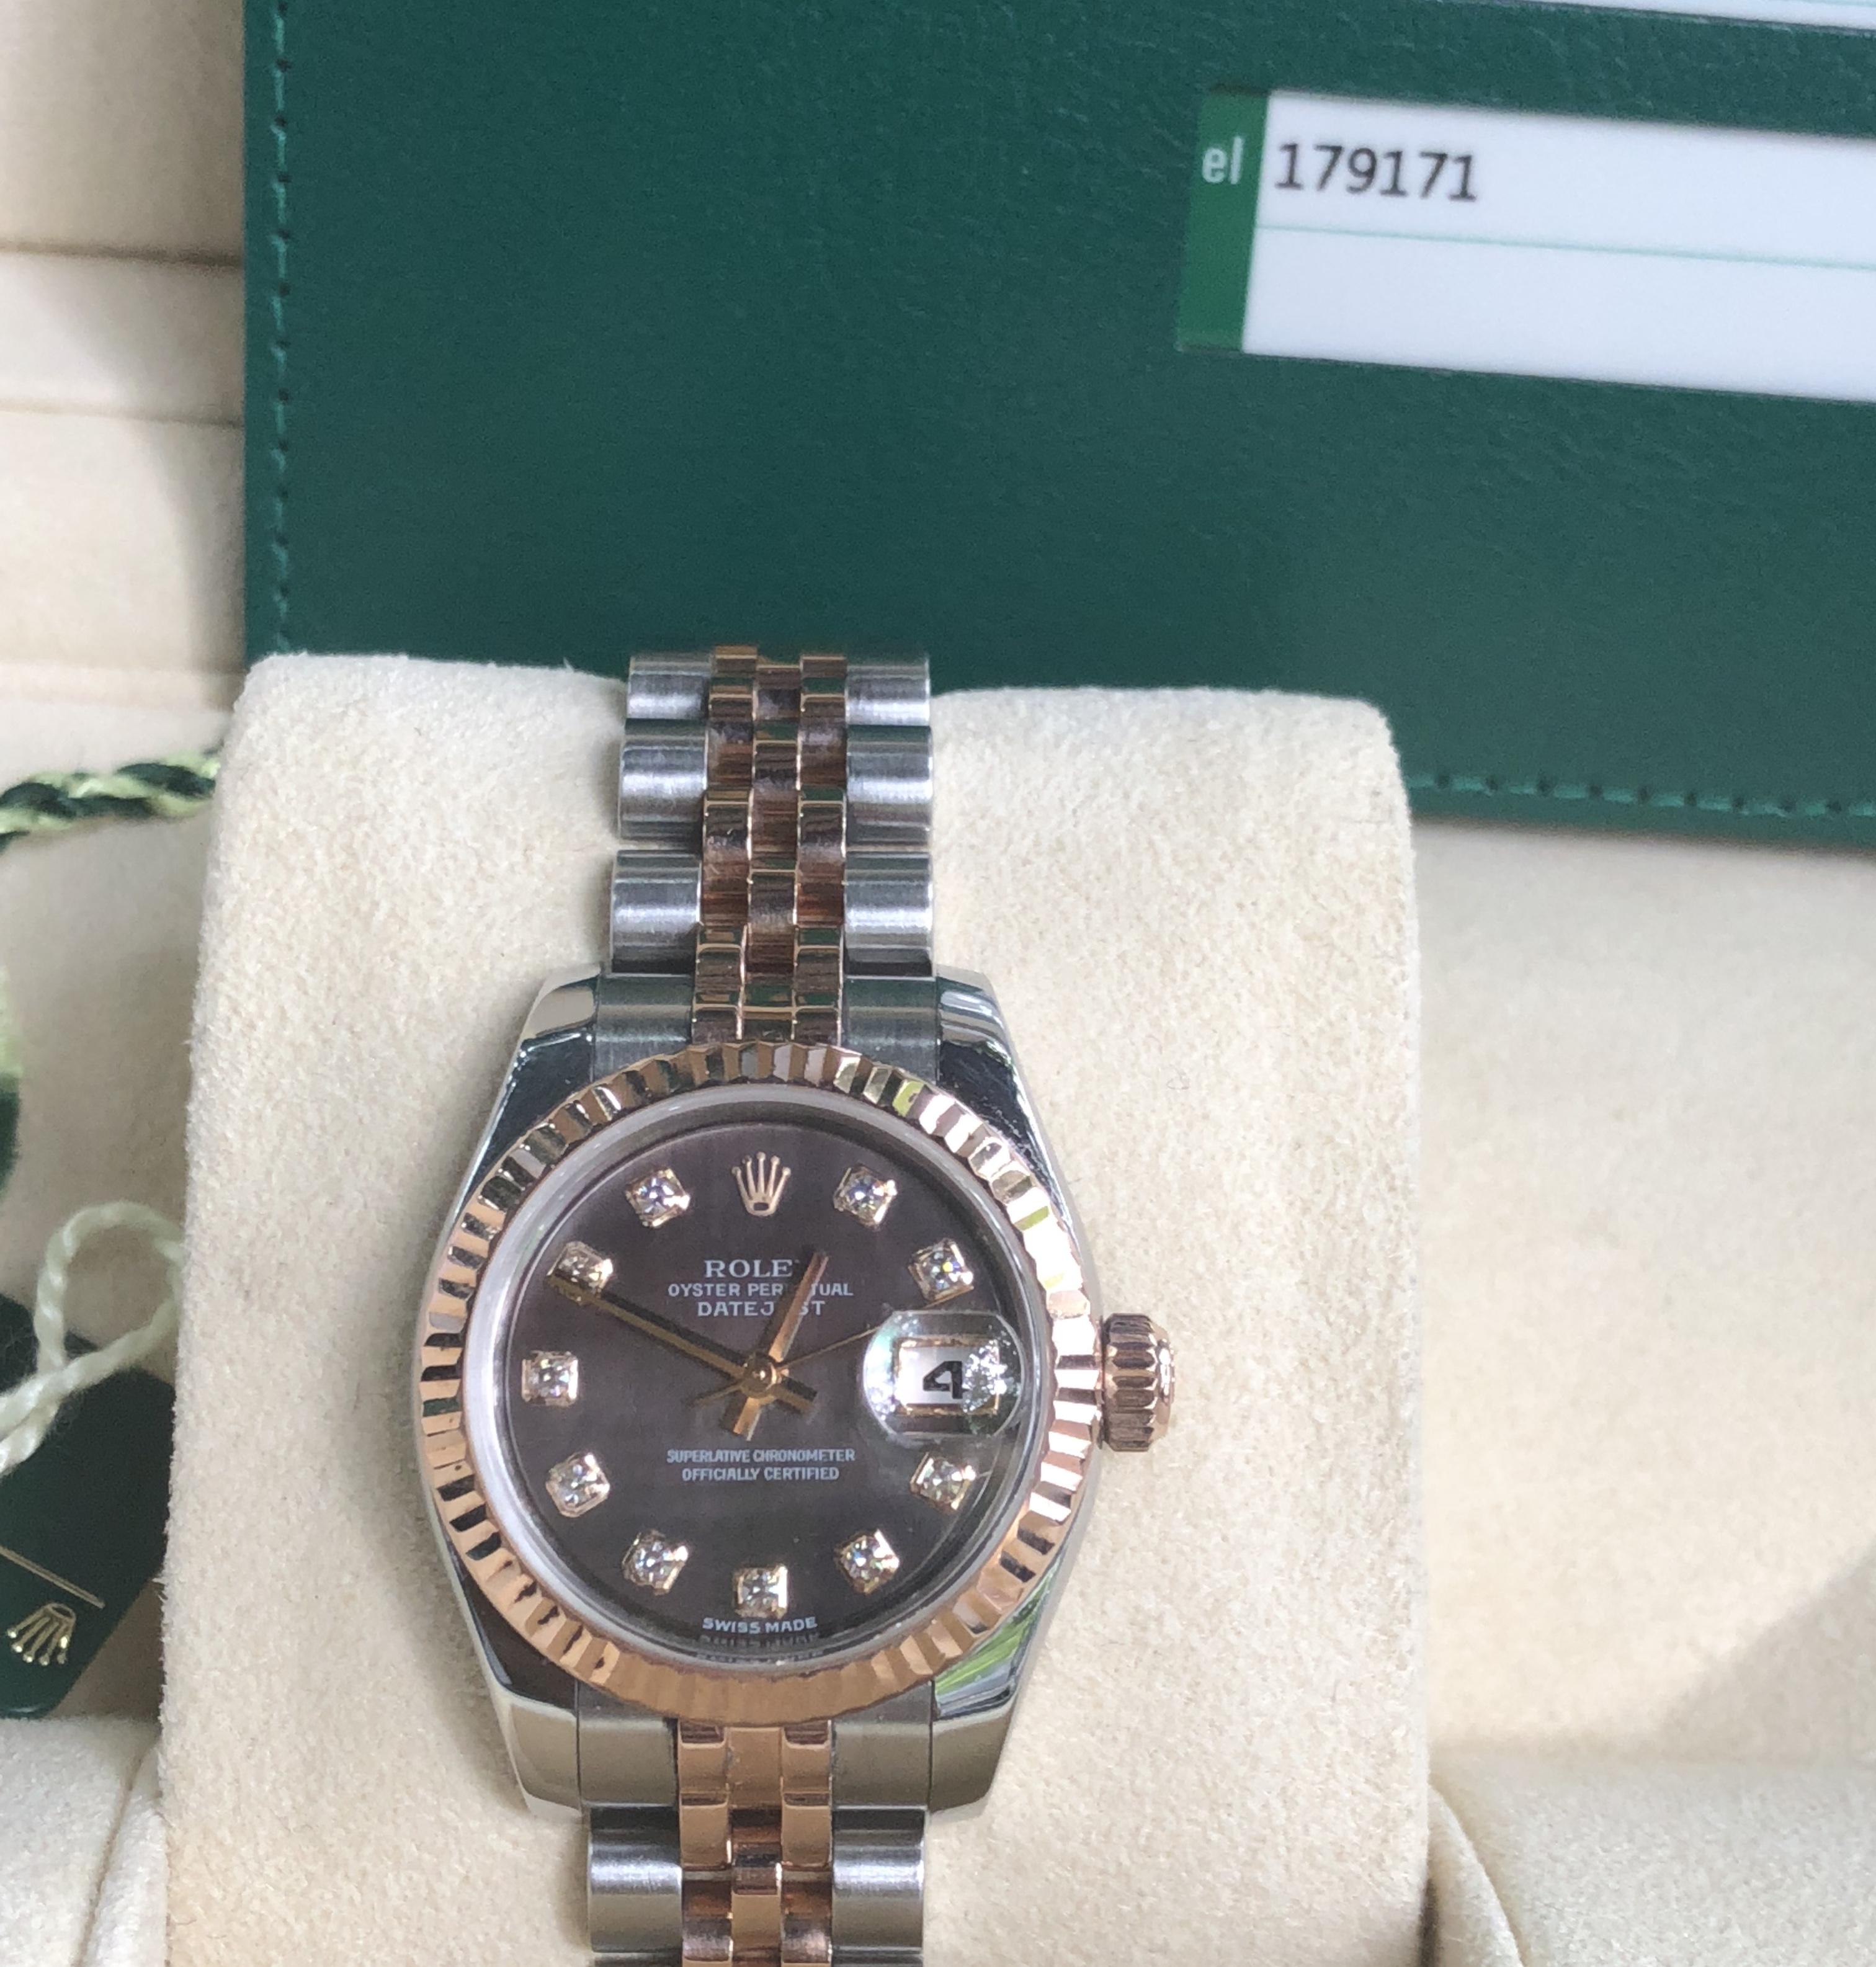 Rolex Datejust Lady Ref.179171 mặt ốc tím đời 2015